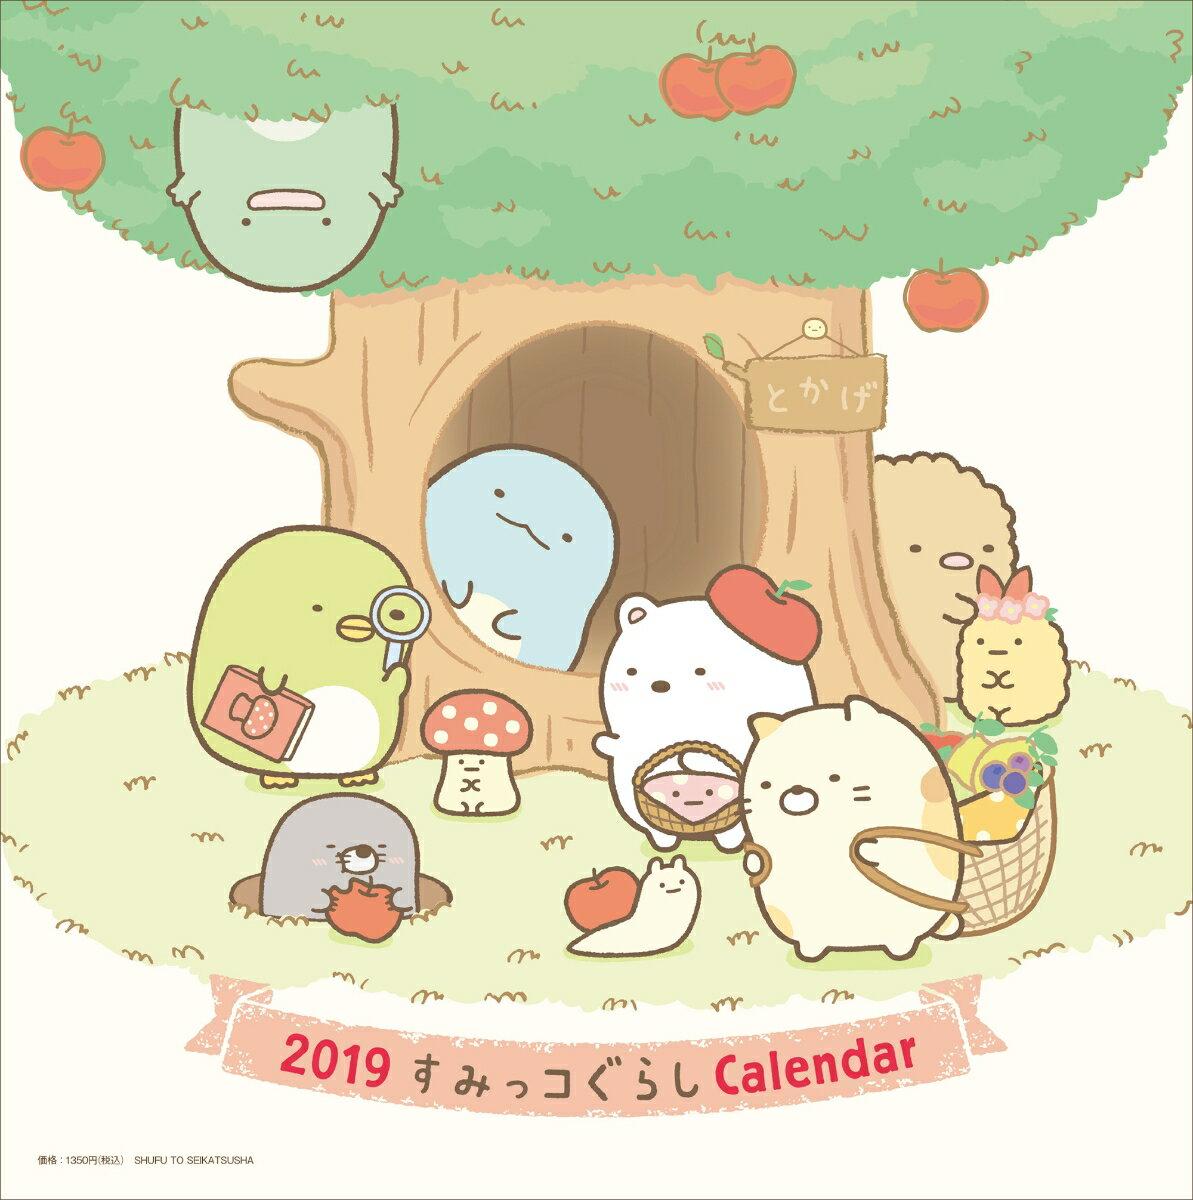 2019 すみっコぐらし 壁かけカレンダー [ 主婦と生活社 ]